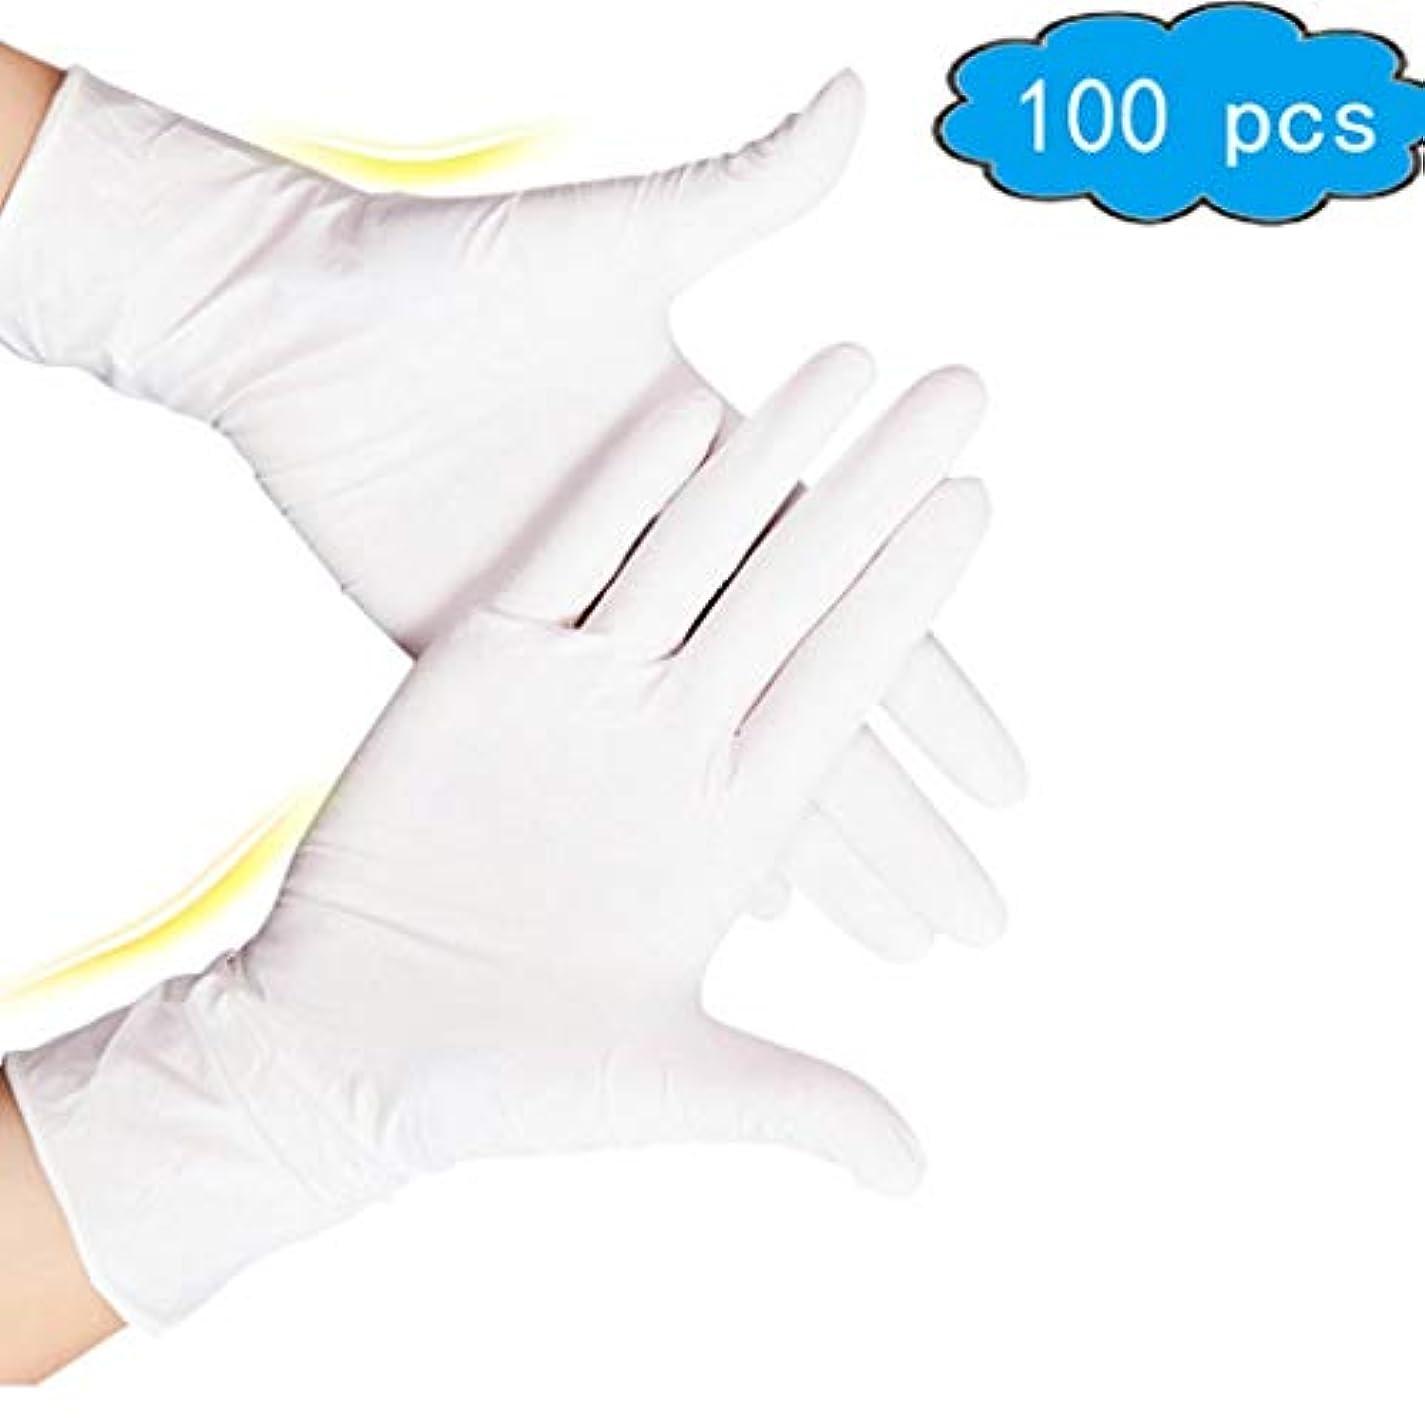 チョークウミウシそれによってホワイトニトリル使い捨て手袋 - 質感、検査、パウダーフリー、極厚5ミル、極太12